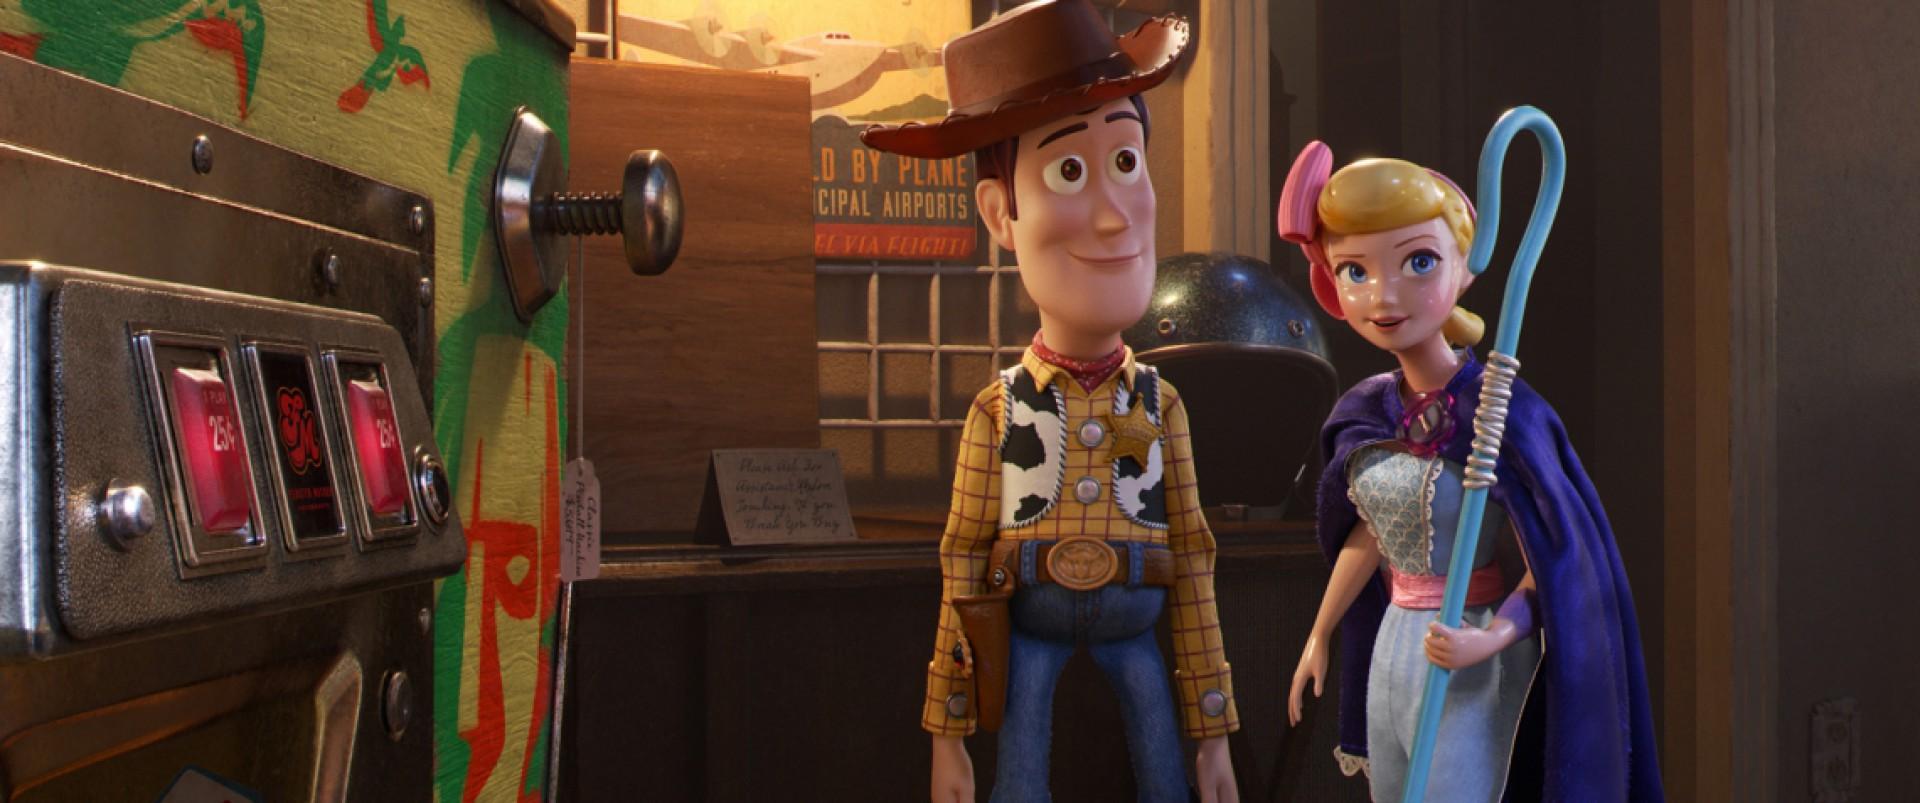 O primeiro longa de animação computadorizado foi 'Toy Story'